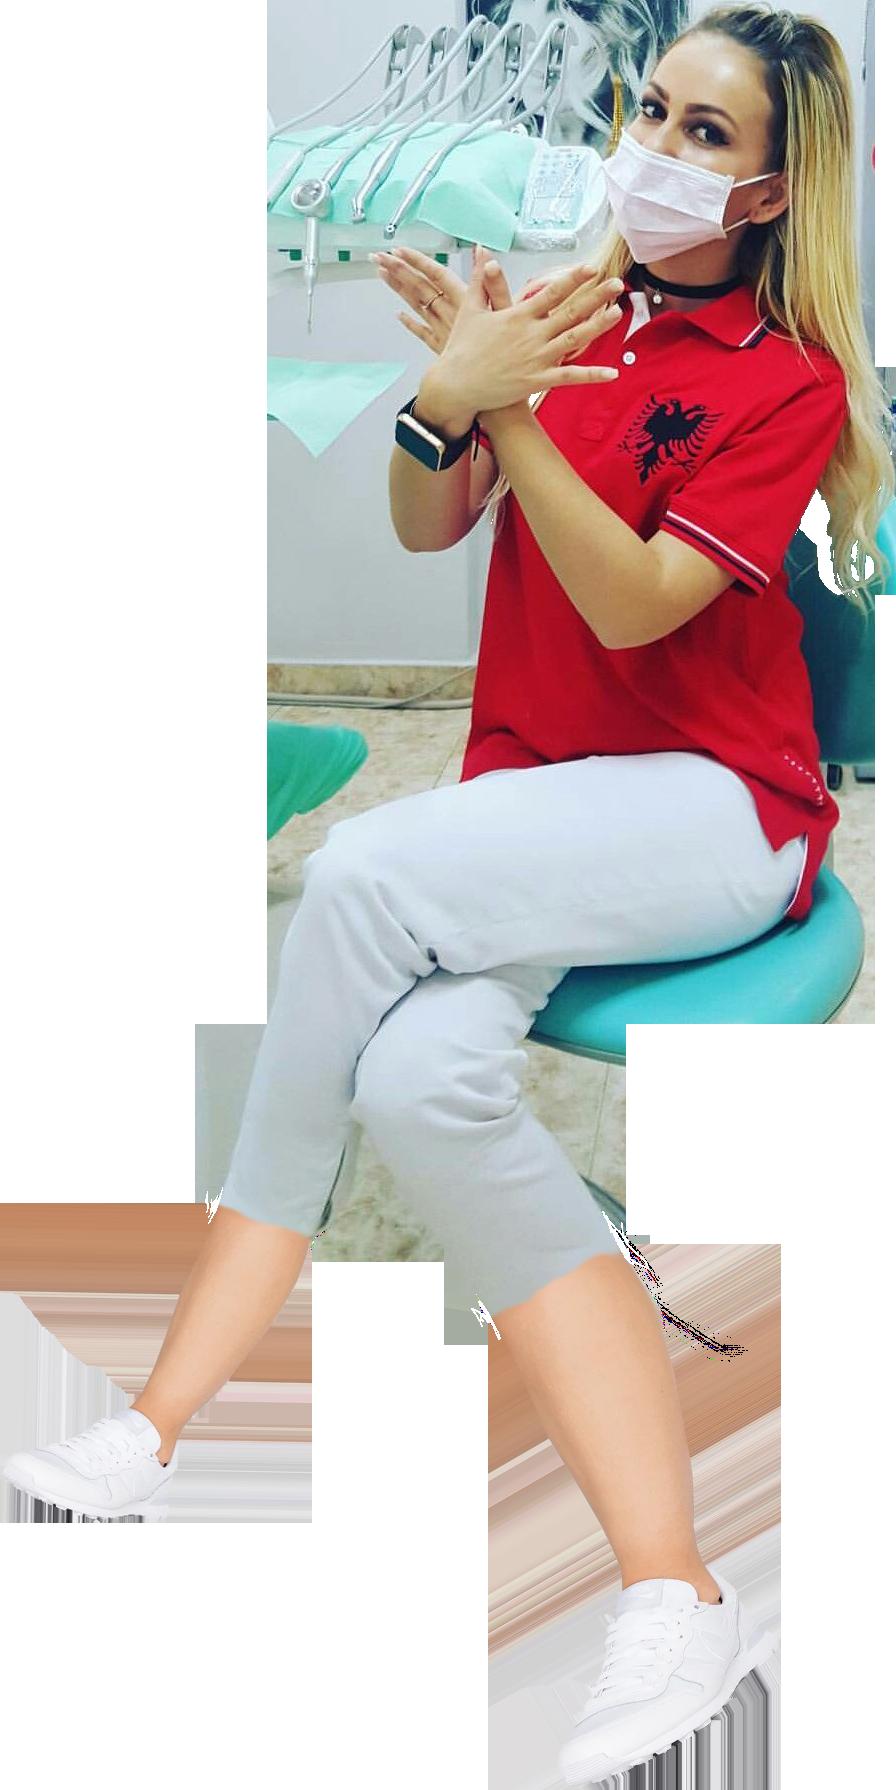 Secure Notrufsysteme UG, www.Hisomedical.de © Der deutsche Schutzmaskenshop für Qualitätsmasken aus Deutschland. Secure Notrufsysteme UG, Secure Notrufsysteme GmbH, Maskenverkauf, Covid-19 Masken, Corona Masken, Staubmasken, Atemschutzmasken, KN95, FFP2, FFP3, NIOSH, 5layer, 3layer, Maske, Masken, Medizinische Masken, medical, OP Masken, IIR Masken, mask, masks, Pandemie, Epidemie, pandemic, epidemic, PSA, psa, Persönliche Schutzausrüstung, Ventilmasken, valve, with valve, CE Zeichen, CE Zertifikat, CE, Mund-Nasen-Schutz, Mundnasenschutz, Coronaschutz, Schnelltests, Schnelltest, Covid, Covid-20, Covid19, Covid 19, Coronavirus, Virus, Ansteckung, Infizieren, Infiziert, Corona-infizierte, Coronainfizierte, Hisomedical.com, Hisomedical, Hisomedical.de, Hisomedical.eu, Medizin, medizinisch, Deutschland, Frankreich, Belgien, Österreich, Schweiz, Holland, Niederlande, Belgien, Staatskunden, günstig, guenstig, preiswert, Rabatt, , Apotheke Mundschutz , billige Mundschutz Einzelhändler , billige Mundschutz beijer , billige Mundschutz bestellen , billige Mundschutz Baumwolle , billige Mundschutz Konstruktion , billige Mundschutz Corona , billige Mundschutz Corona zu kaufen , billige Mundschutz für Frauen , billiger Mundschutz zahnärztlicher Mundschutz , billiger Mundschutz ffp1 / ffp3 / ffp2 , billiger Mundschutz ffp3 3m , billiger Mundschutz ffp3 auf Lager , billiger Mundschutzfilter ,billige Masken für Seniorenheime , billige Maske für die Altenpflege , billige Maske für die Altenpflege , billige Maske für die häusliche Pflege , billige Maske Gertab , billige Gesichtsmasken genehmigt , billige Masken Großhandel , billige Maske Nachhaltigkeit , billige Maske Hepatitis , billige Maske CPR , billig Mundschutz Hunde , billige Maske , wie oft zu ändern , billiger Mundschutz auf Lagern , billiger Mundschutz auf Lager Apotheken , billiger Mundschutz aus Stoffe , billiger Mundschutz ii / IIR, Günstige Masken IIR , billige Maske kaufen , billige Maske kaufen billig , billige Maske 